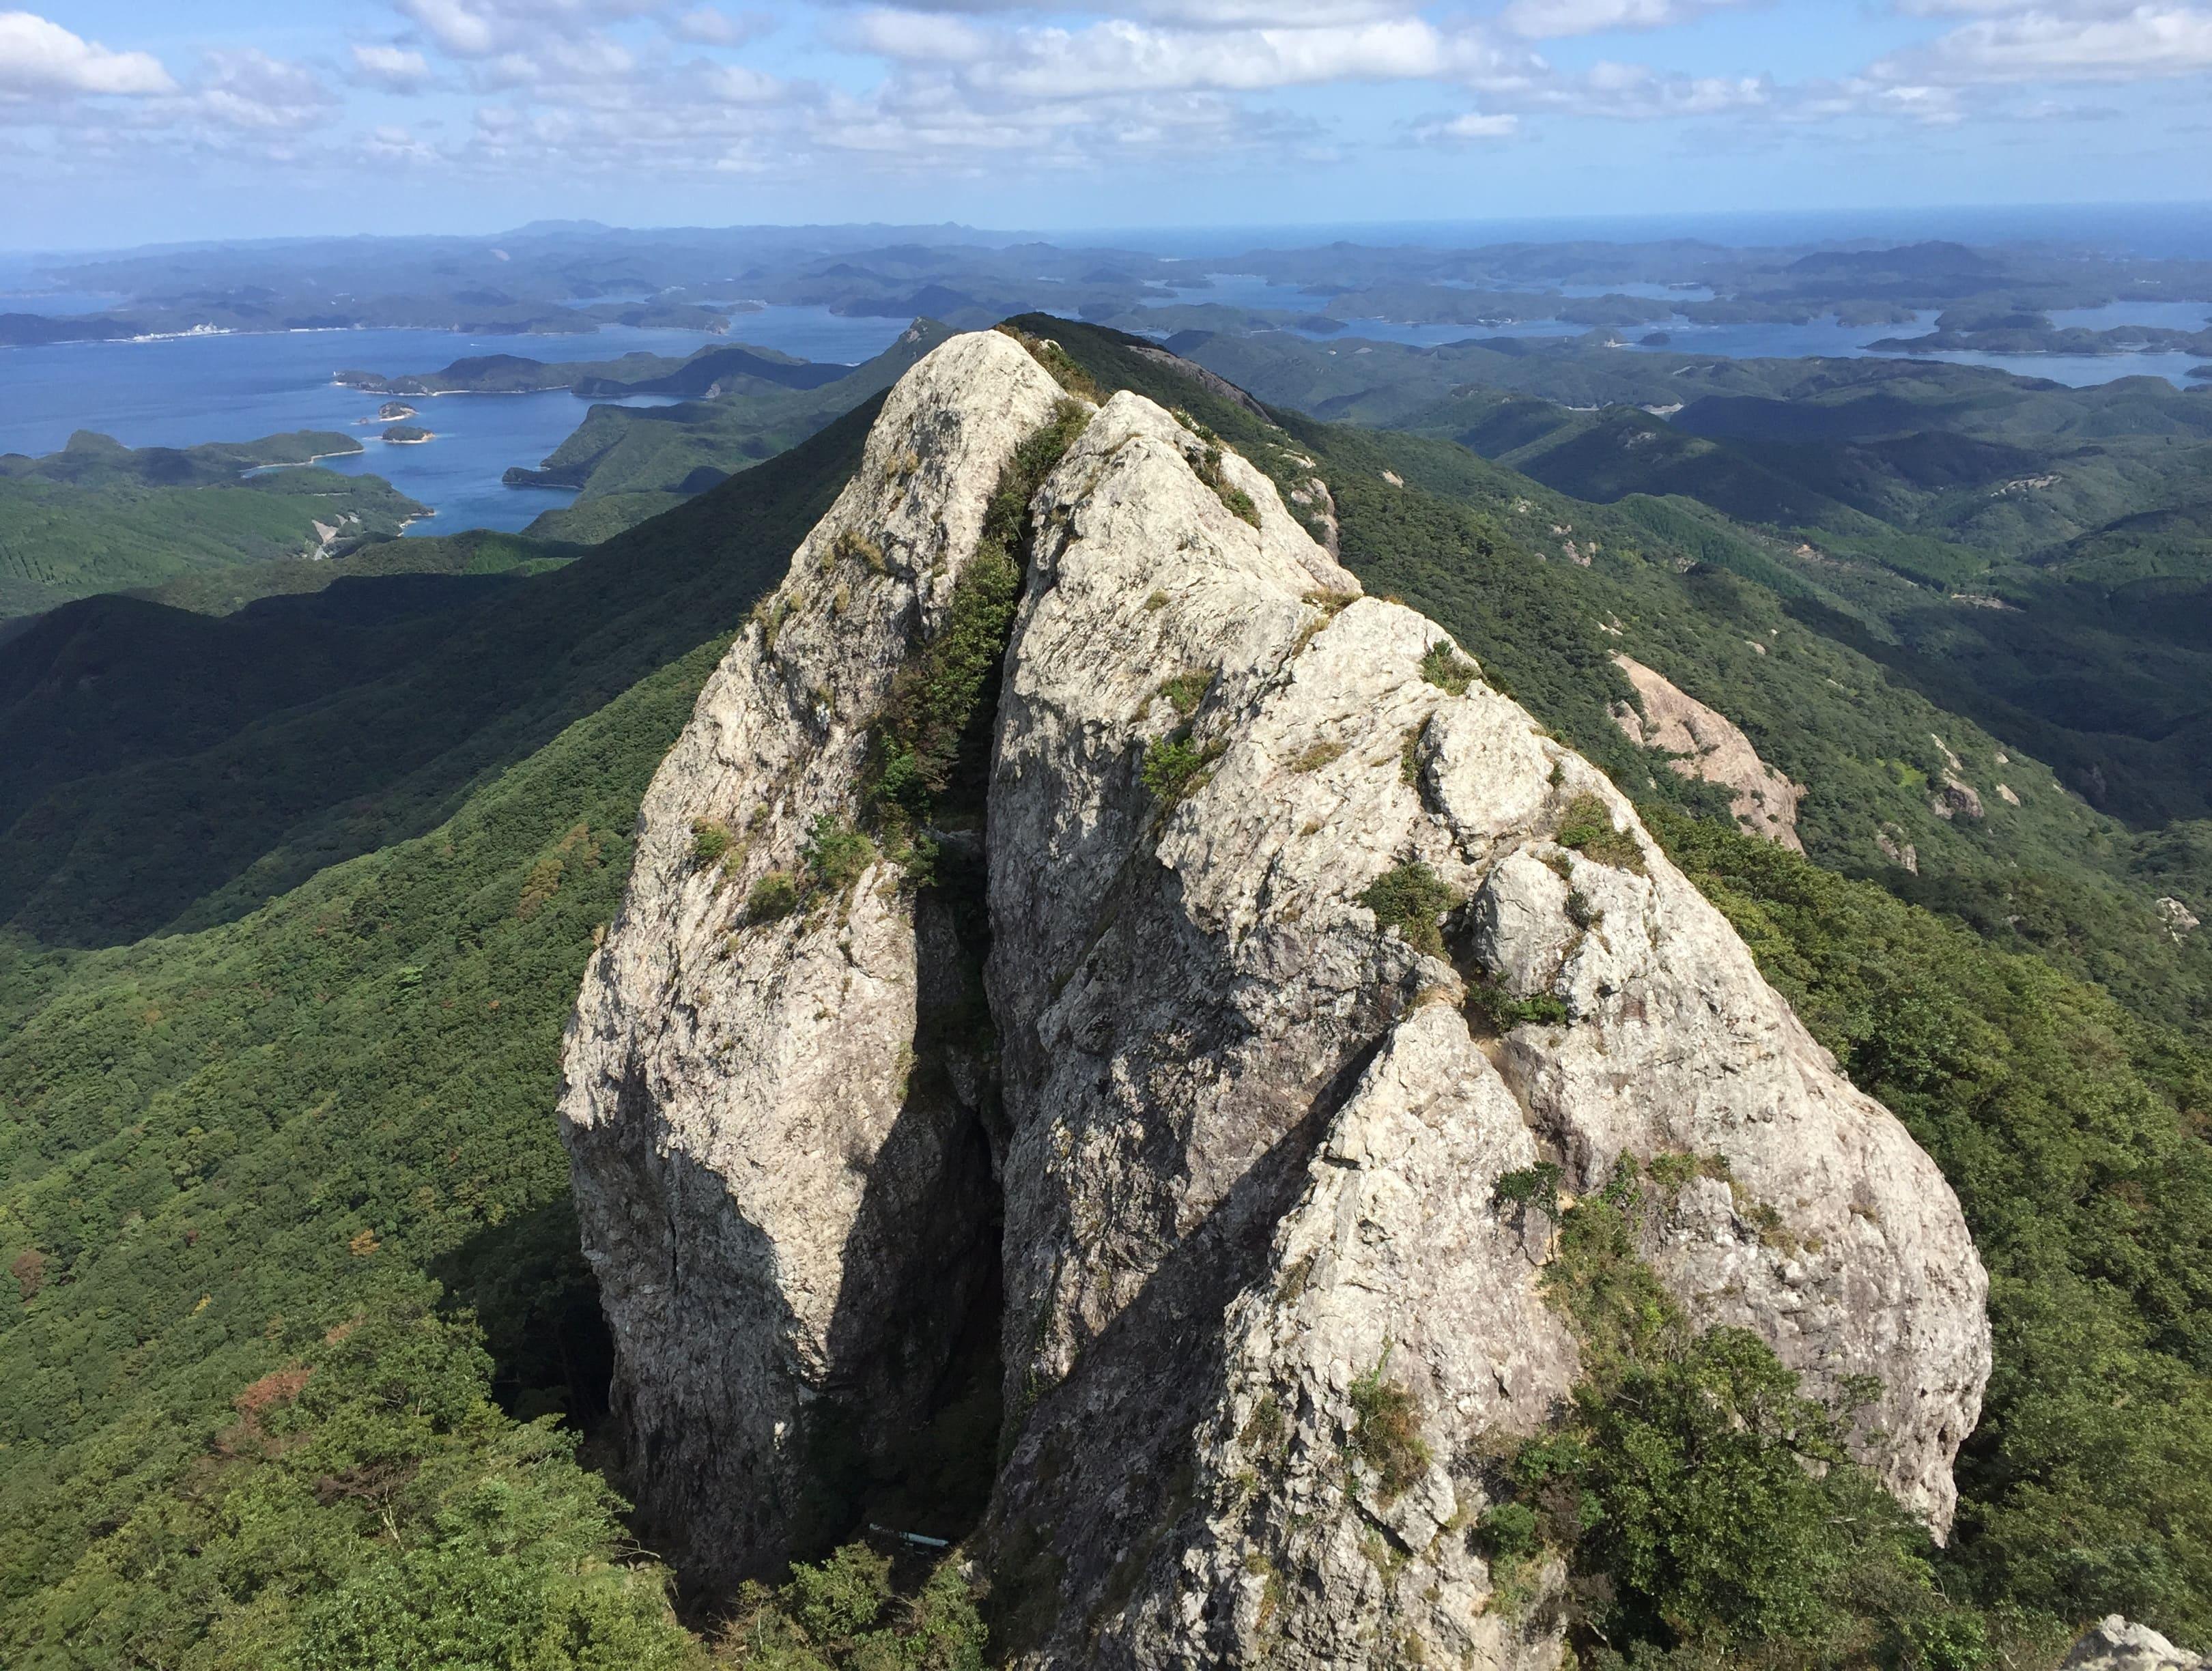 雄嶽山頂から雌嶽の展望を望む